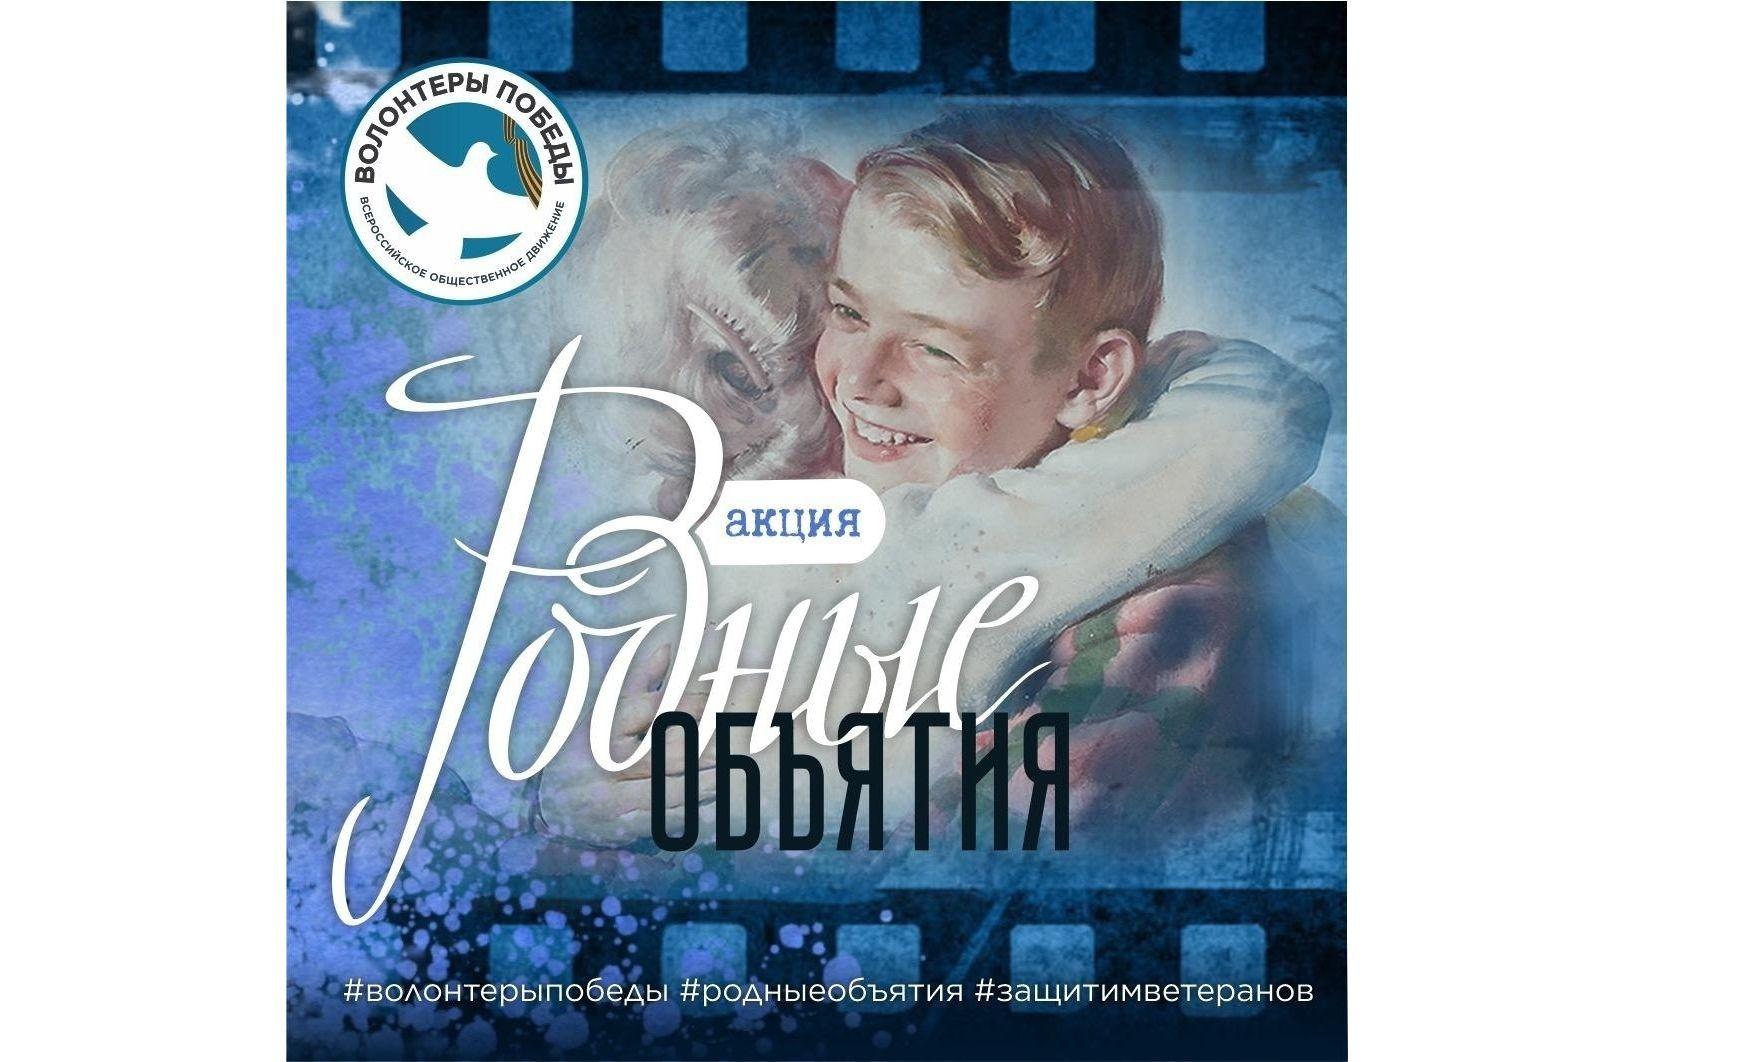 Поздравления в сети: в Ярославской области в честь Дня защитника Отечества проводят онлайн-мероприятия